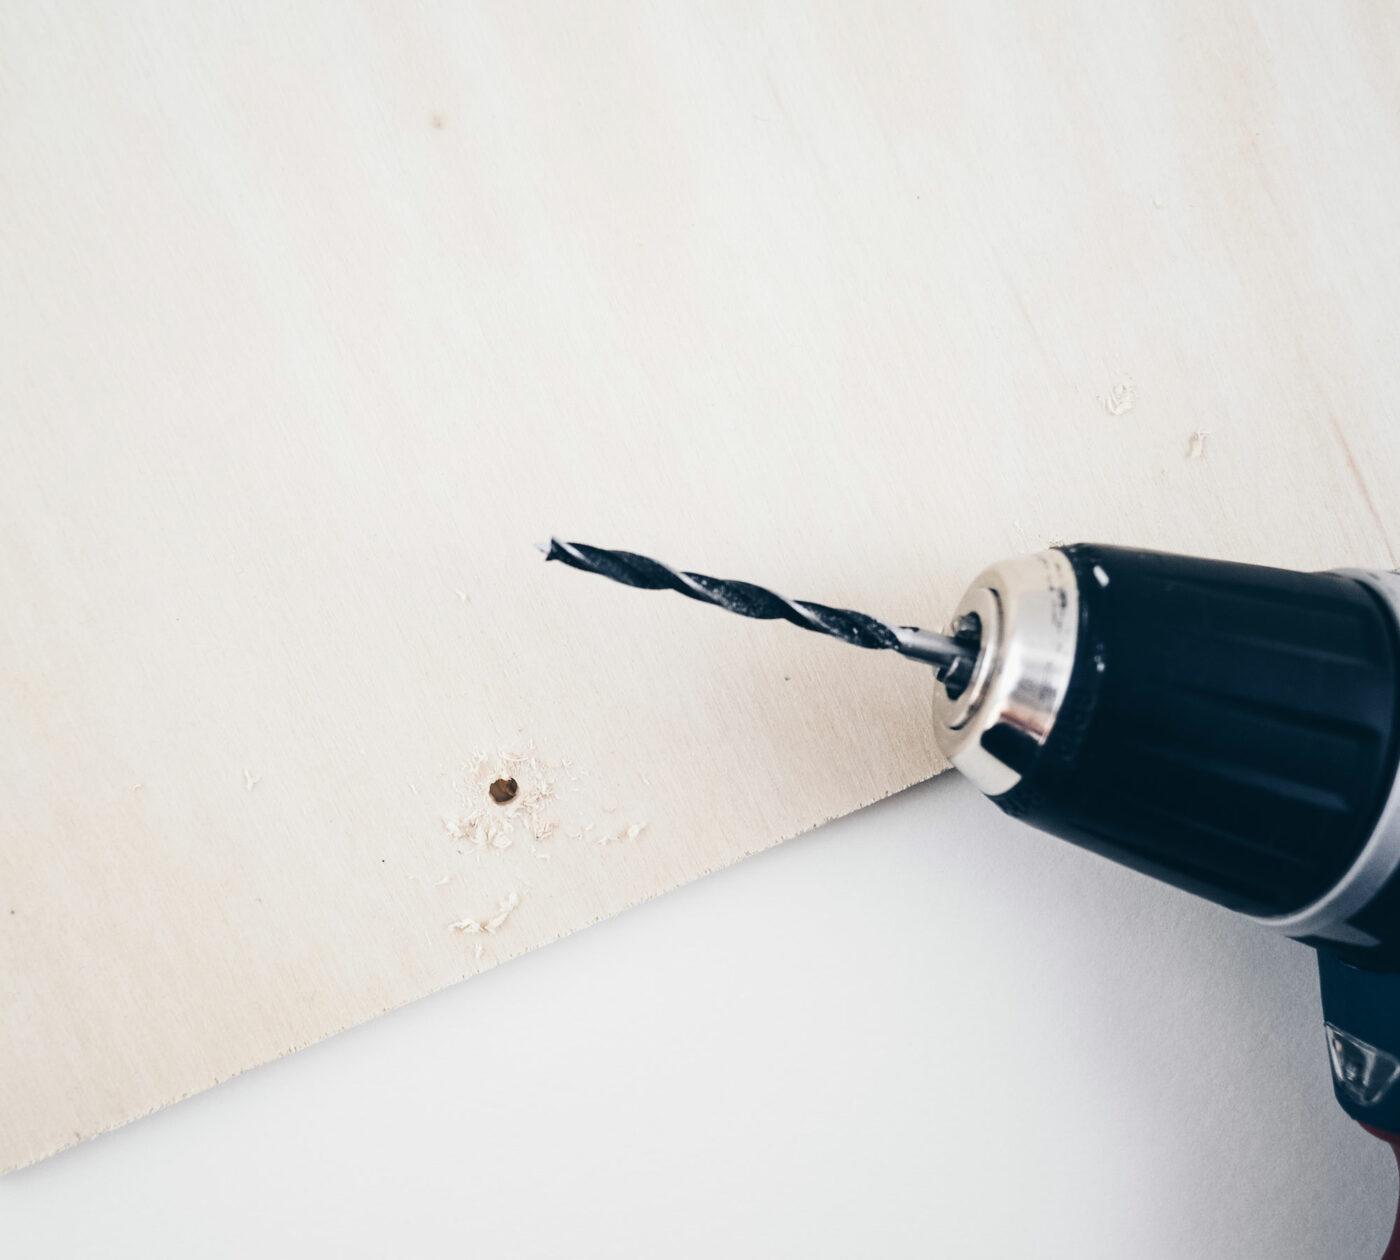 DIY-Bauanleitung für mehr Ordnung auf dem Schreibtisch // HIMBEER